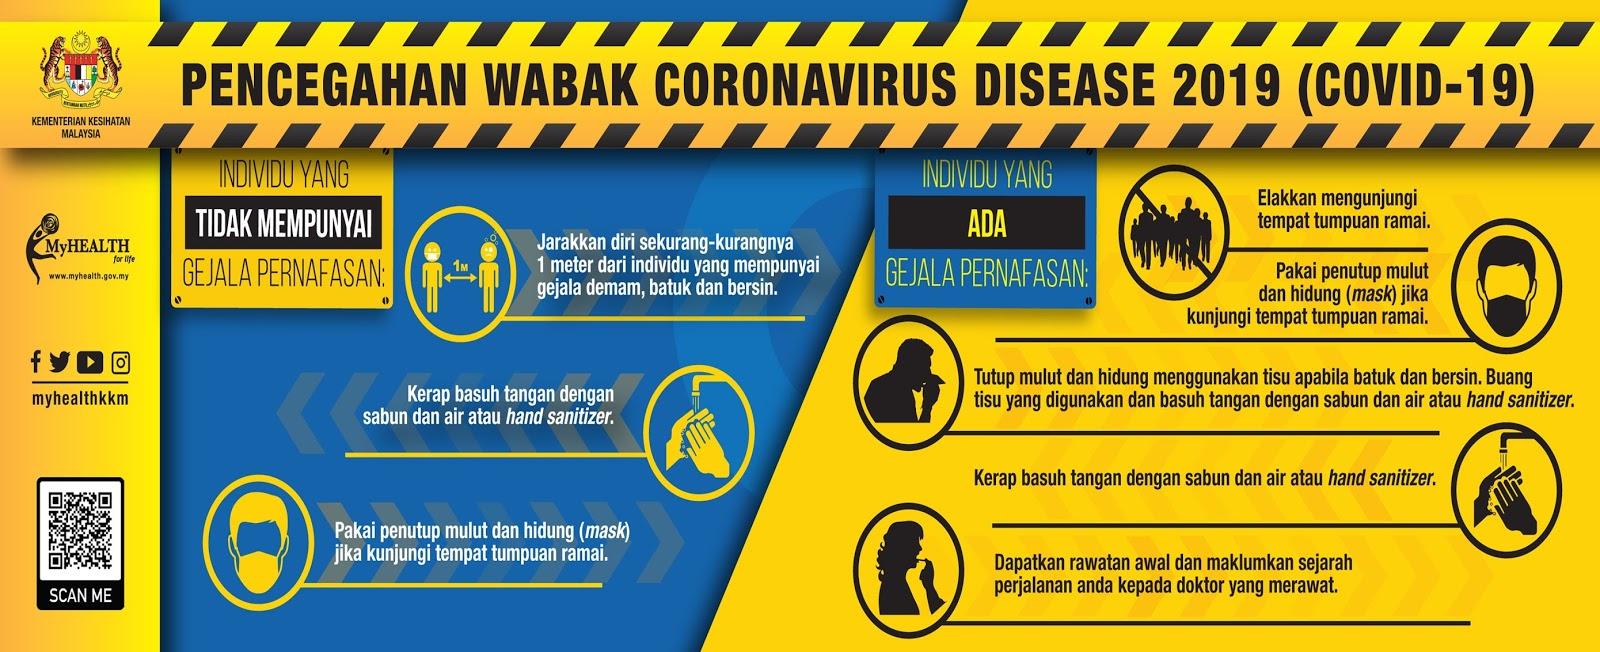 Langkah-langkah penegahan yang boleh diambil untuk mencegah penularannya wabak covid-19